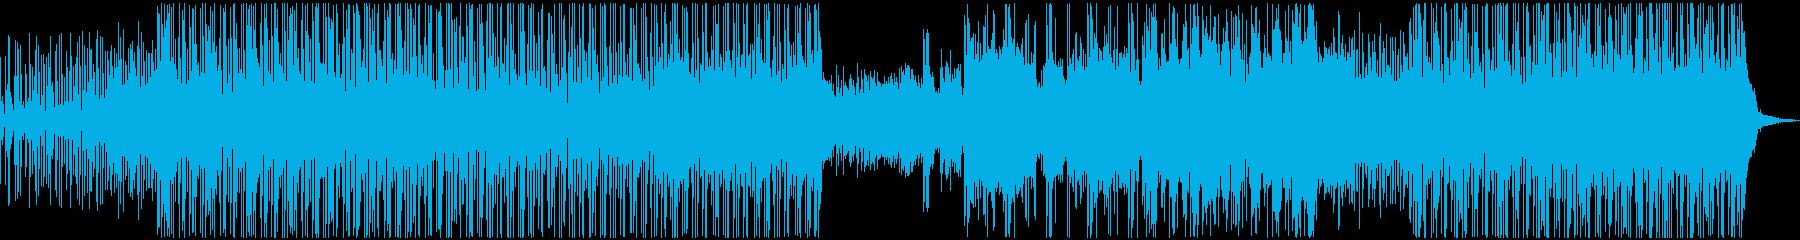 シンセ、SFX、バヤン、バラライカ...の再生済みの波形